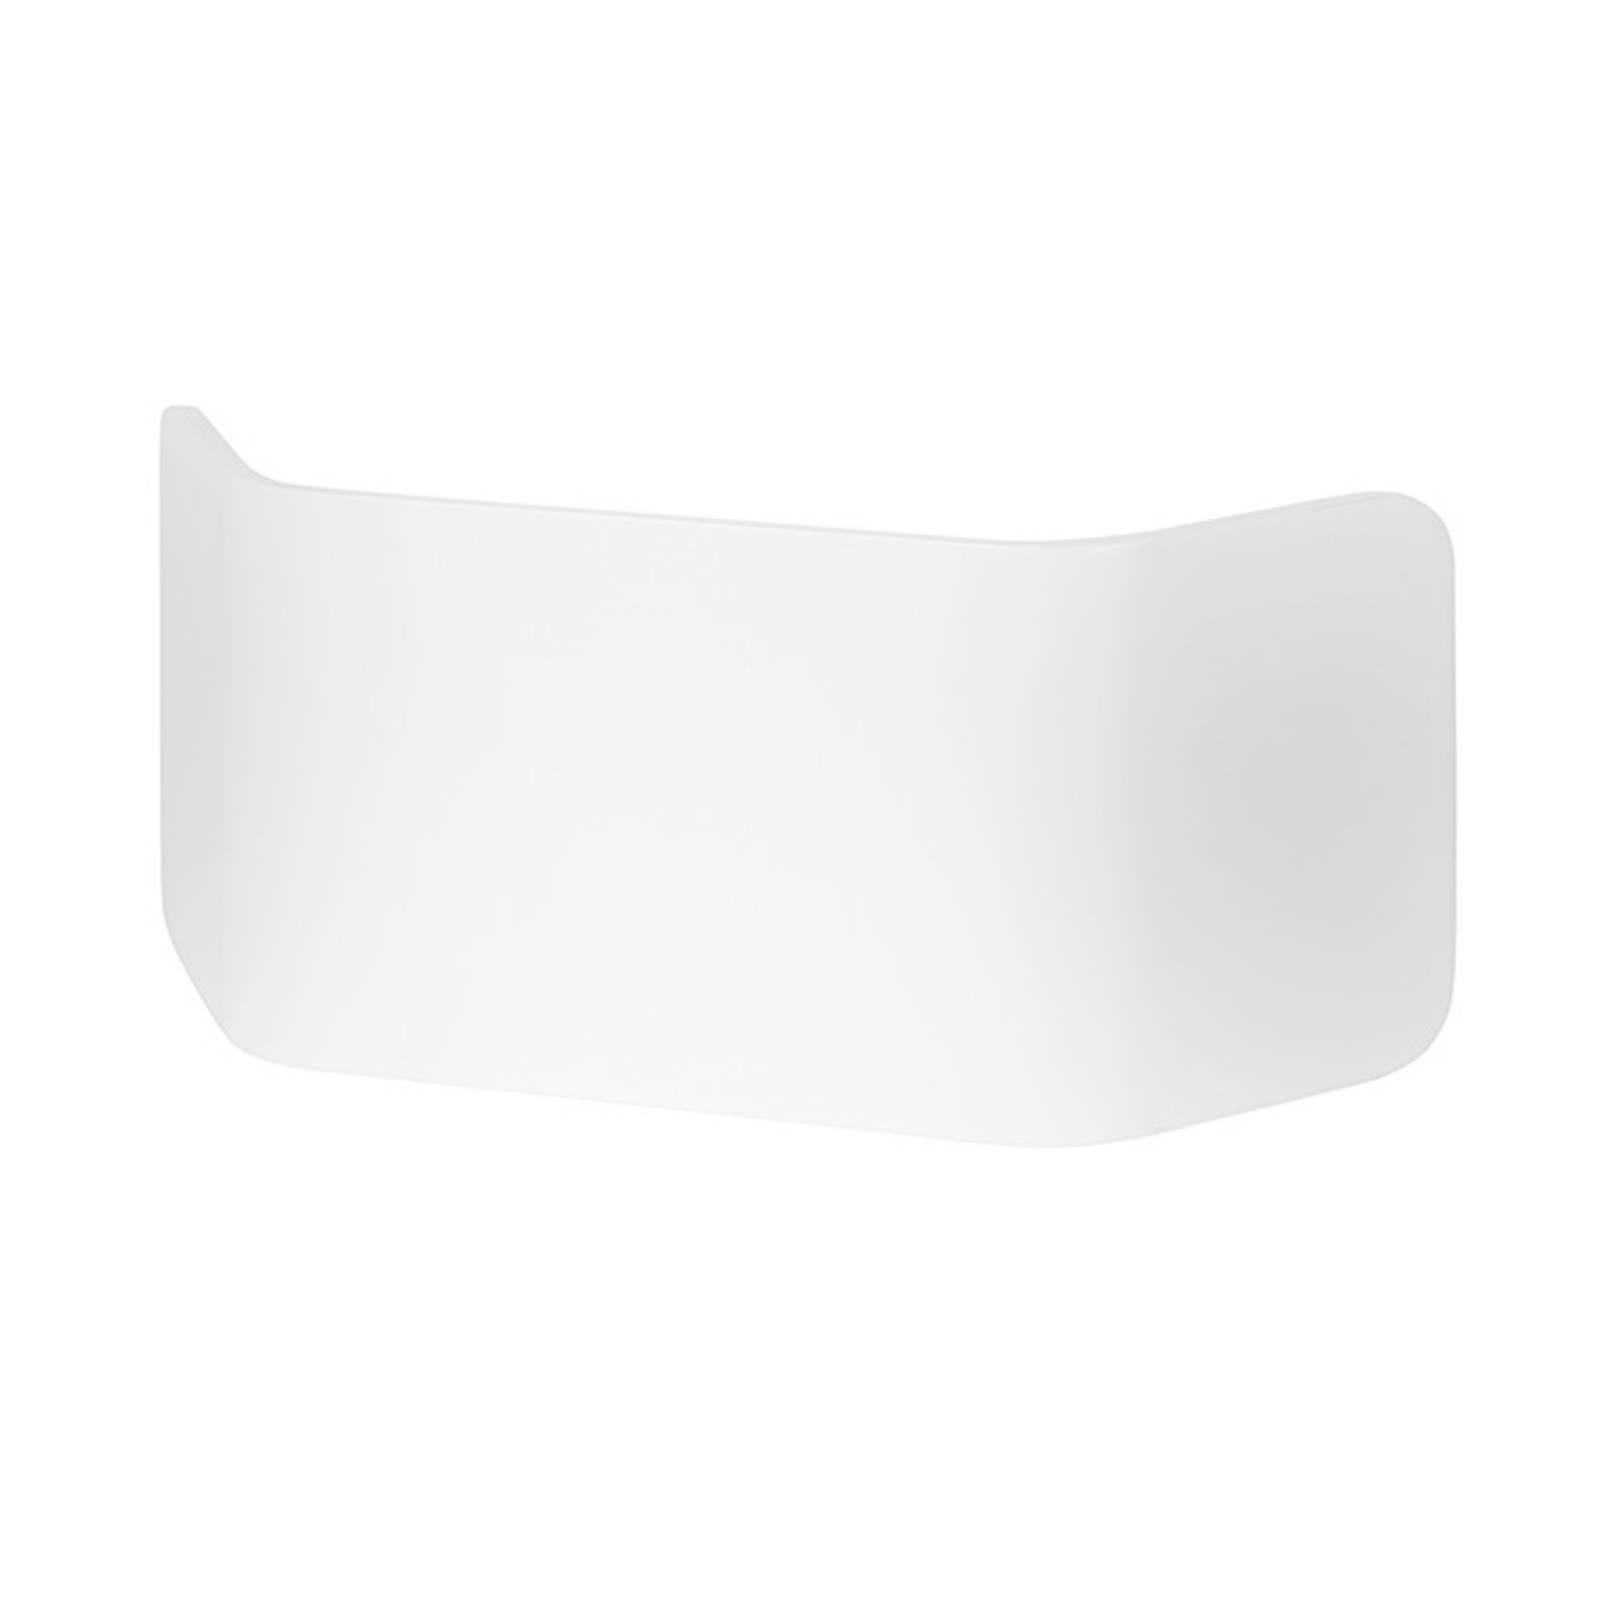 LEDS-C4 Skate applique LED, up/down